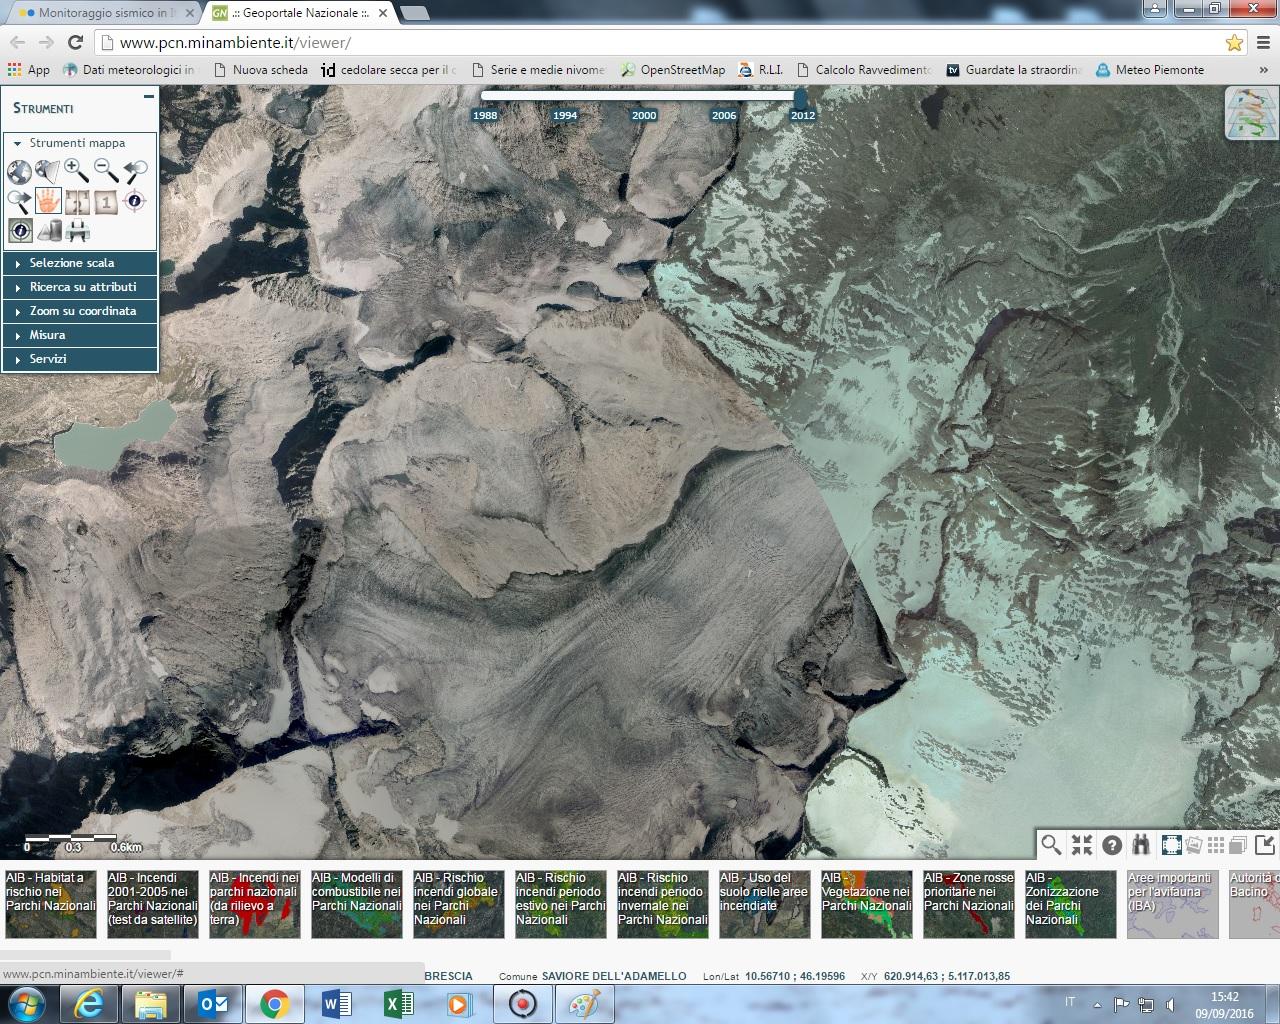 Il ritiro dei ghiacciai in Italia e nel mondo: qui i confronti-adamello-2012.jpg